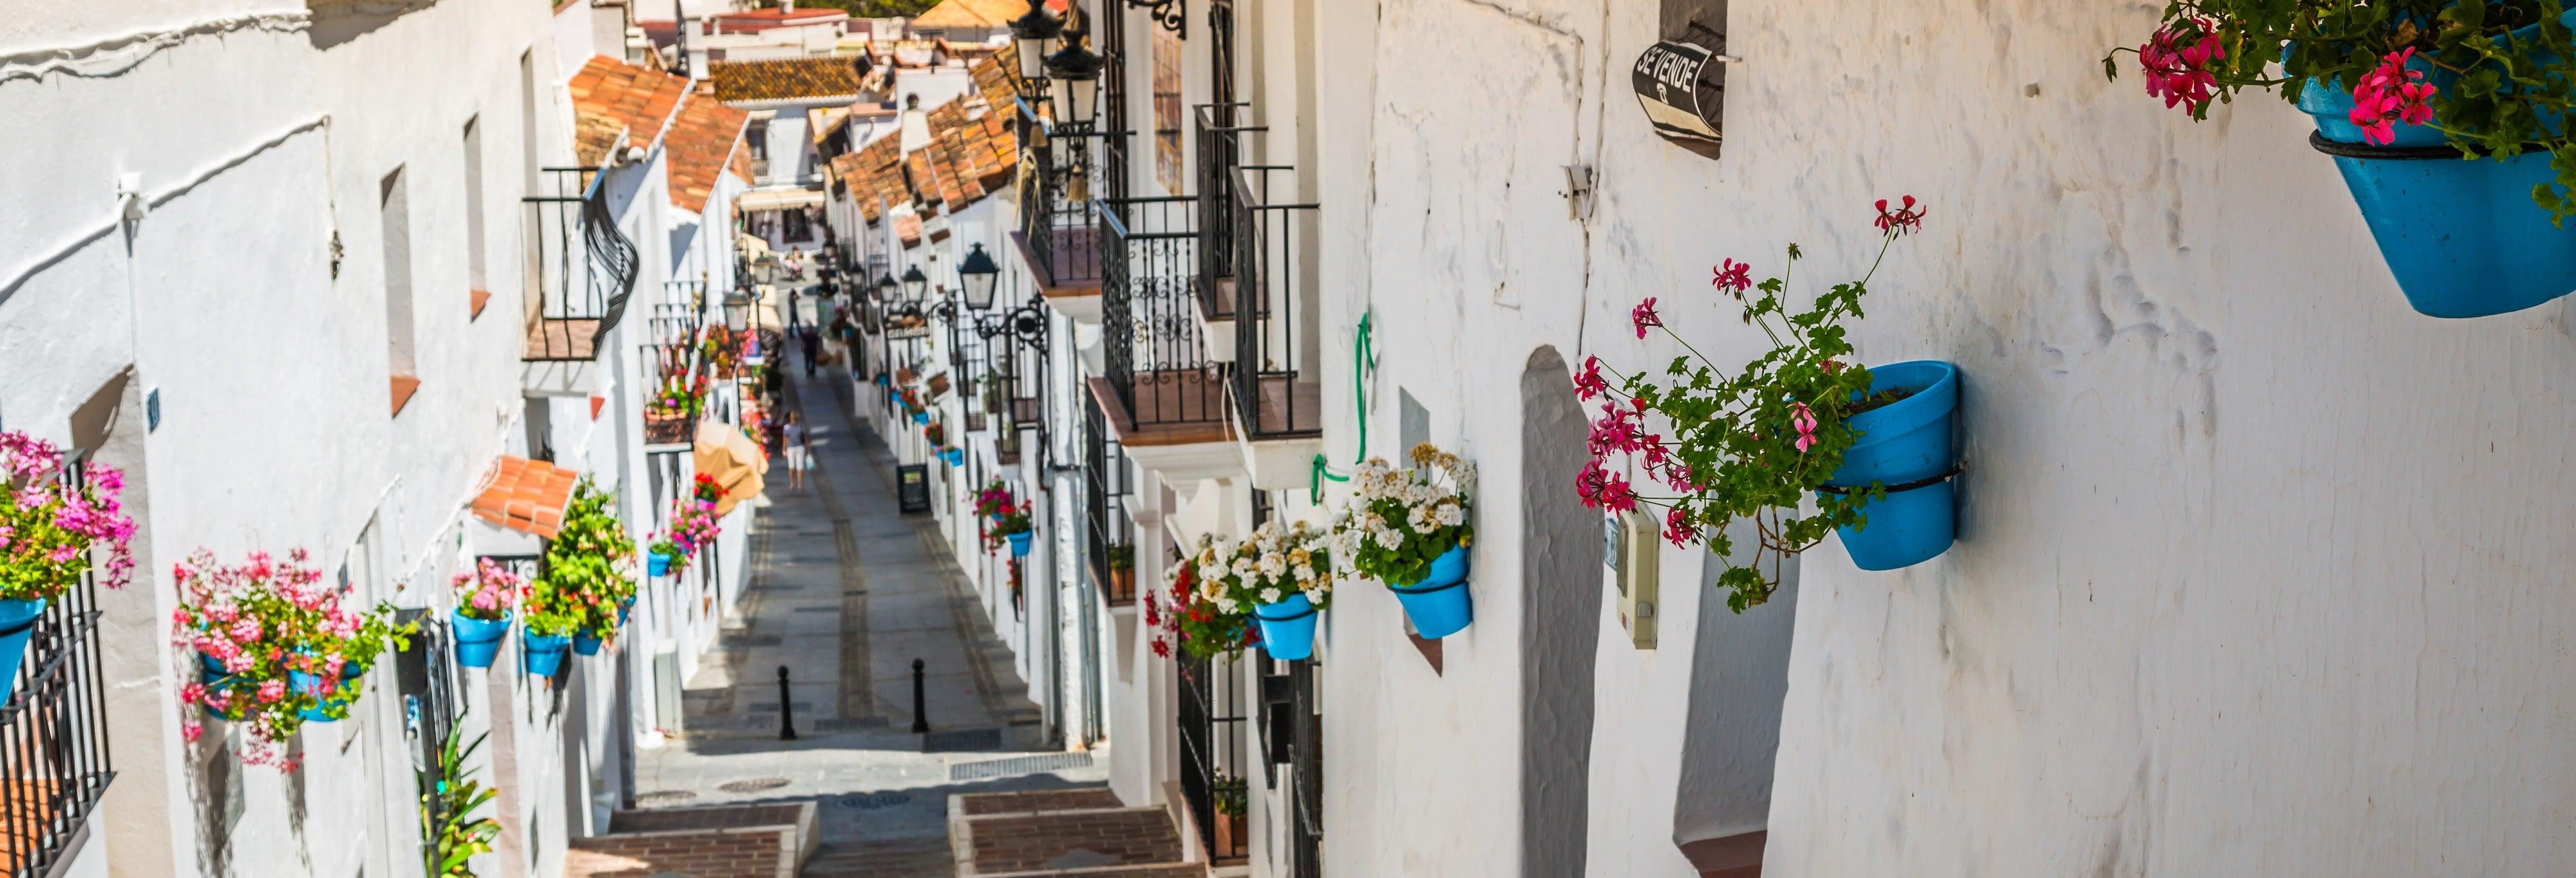 Marbella & Mijas Day Trip